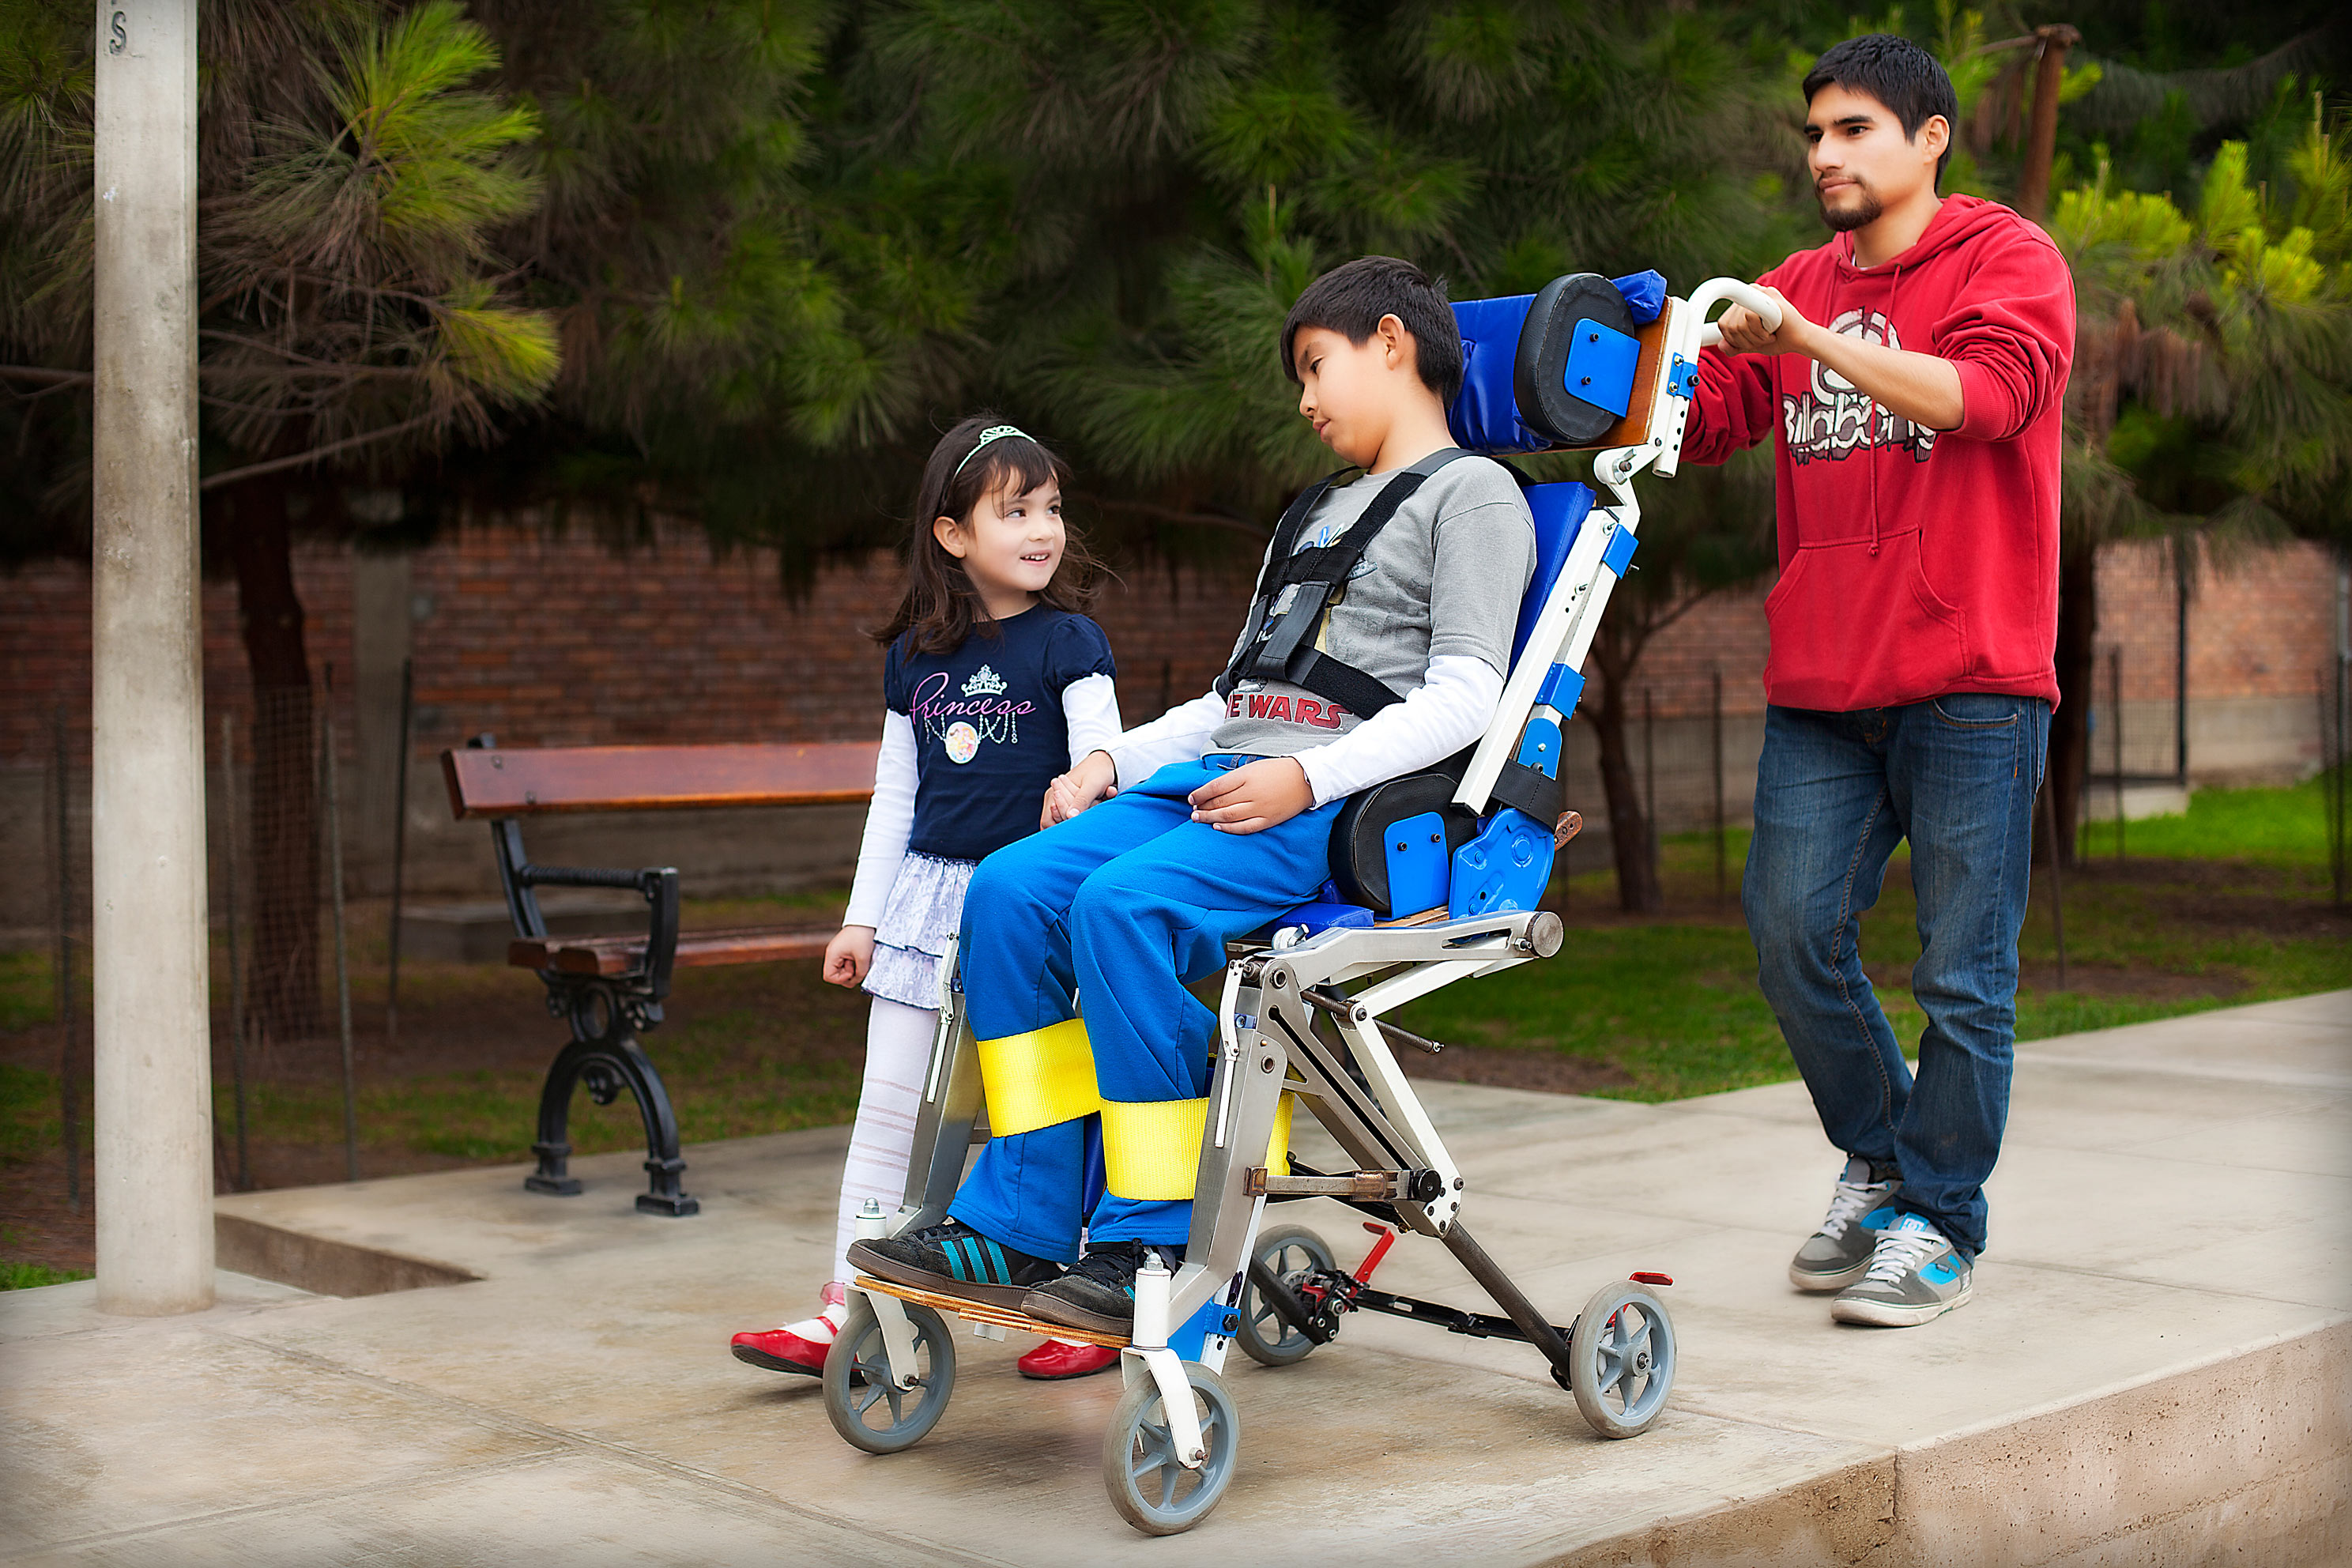 Desarrollo de una silla de ruedas de bajo costo especializada para ni os de 6 a 12 a os de edad - Silla de ruedas ninos ...